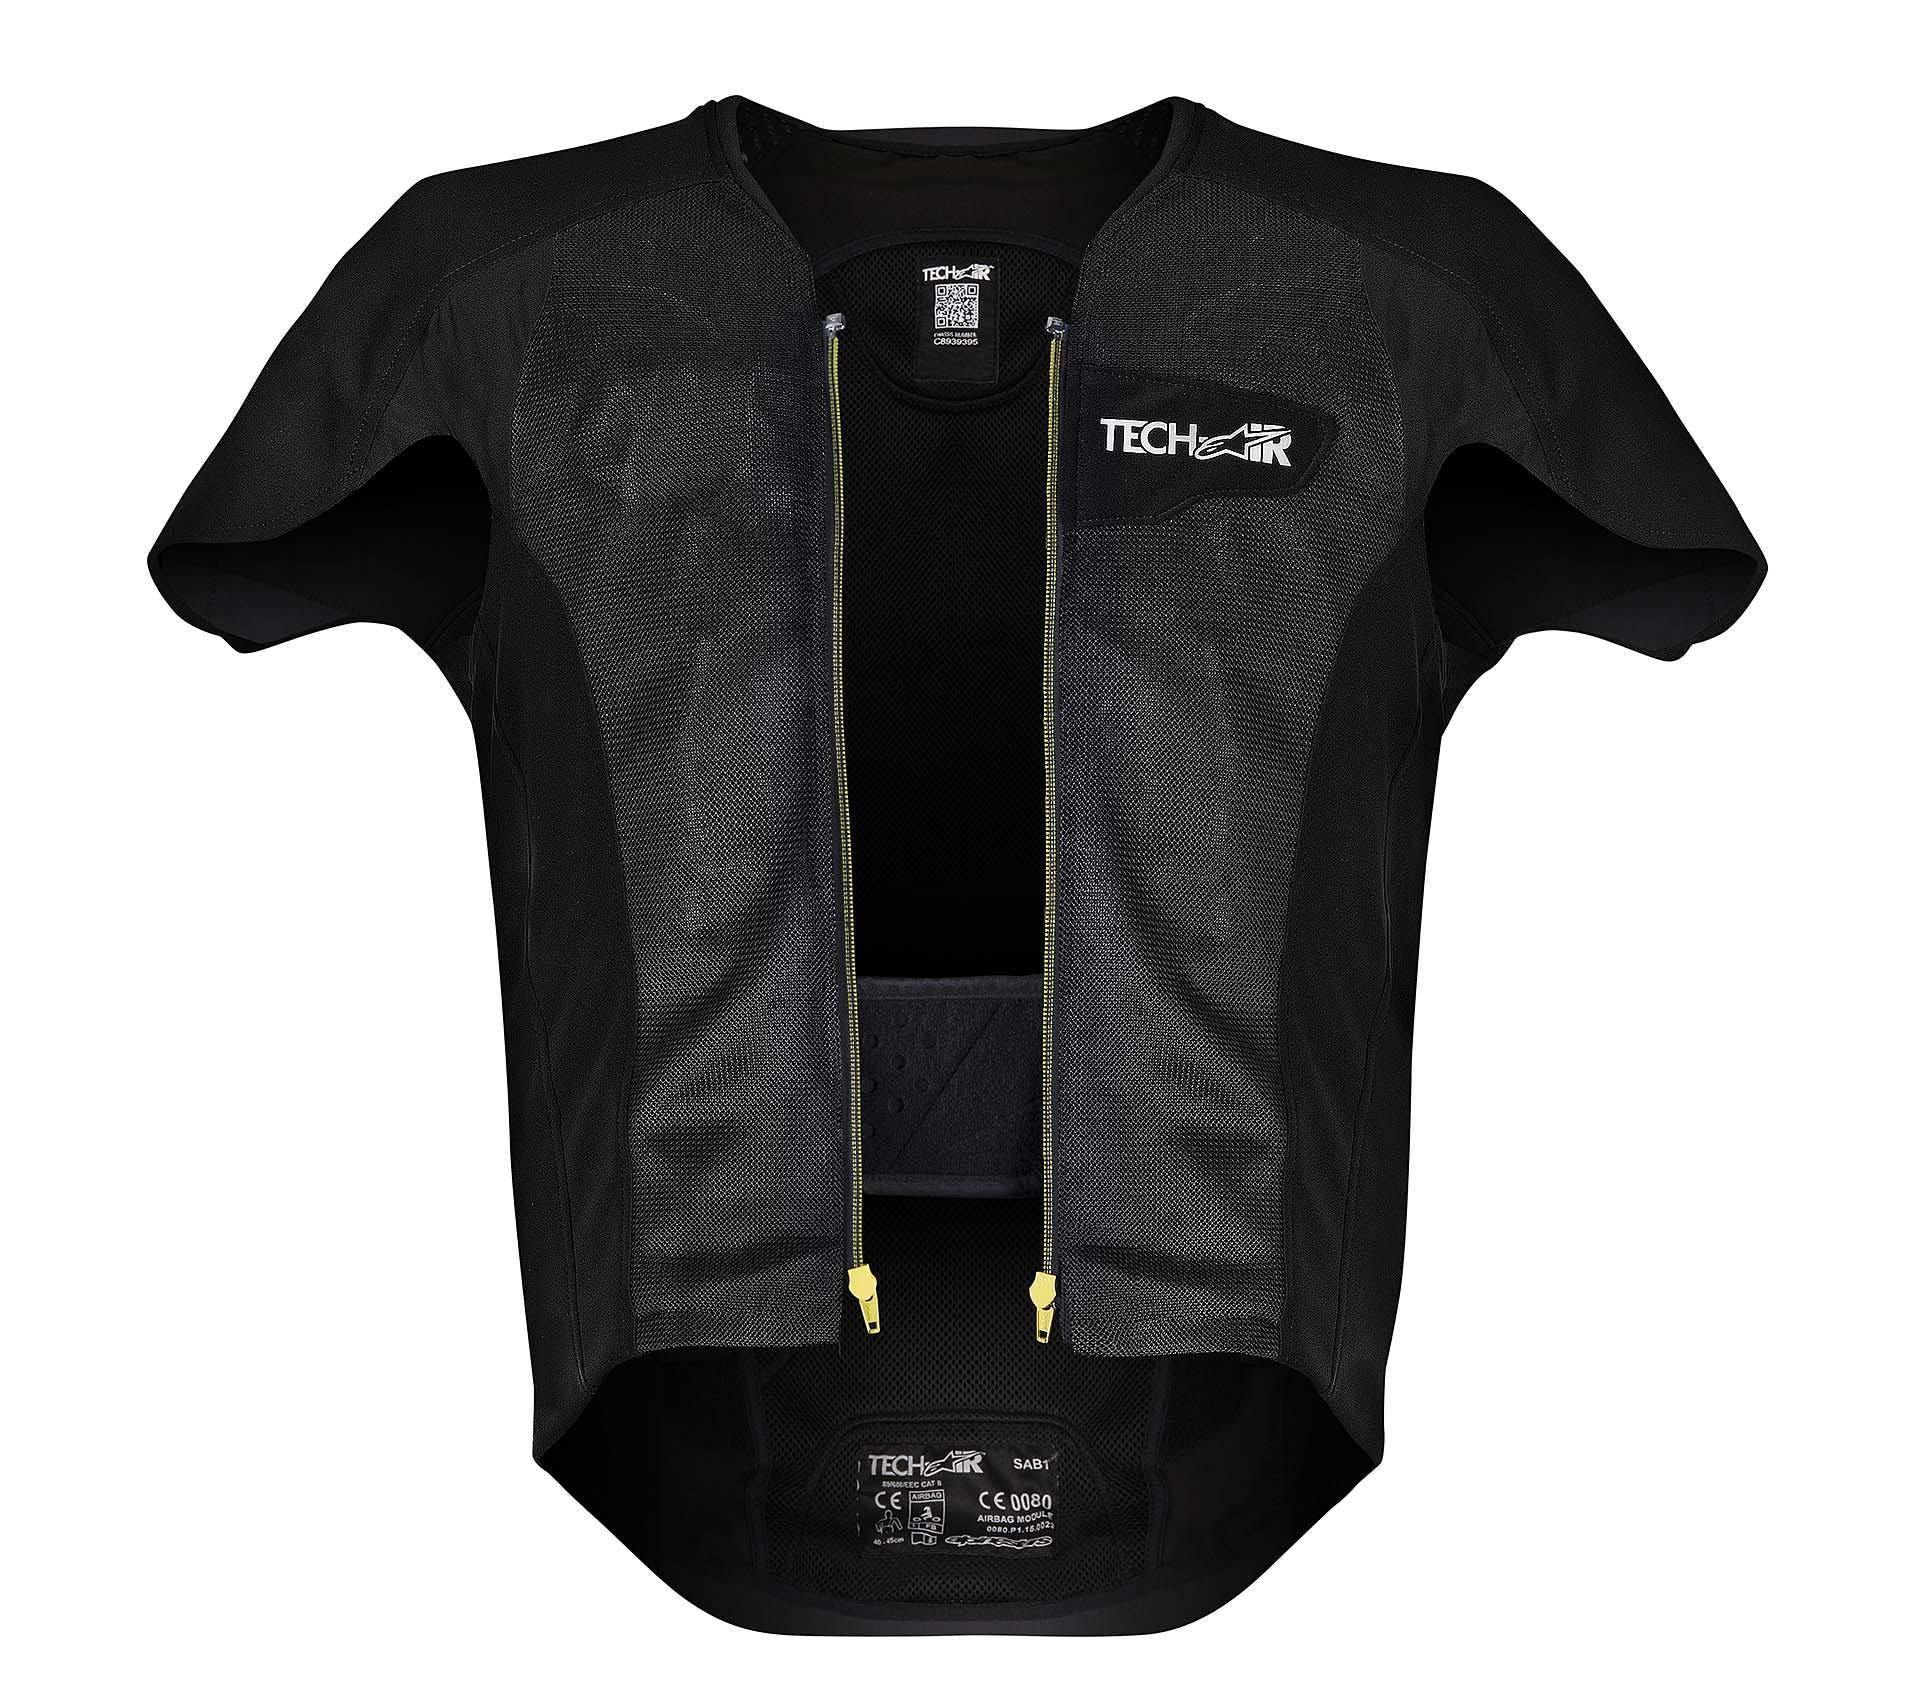 Alpinestars Tech-air airbag da moto protezione dorsale